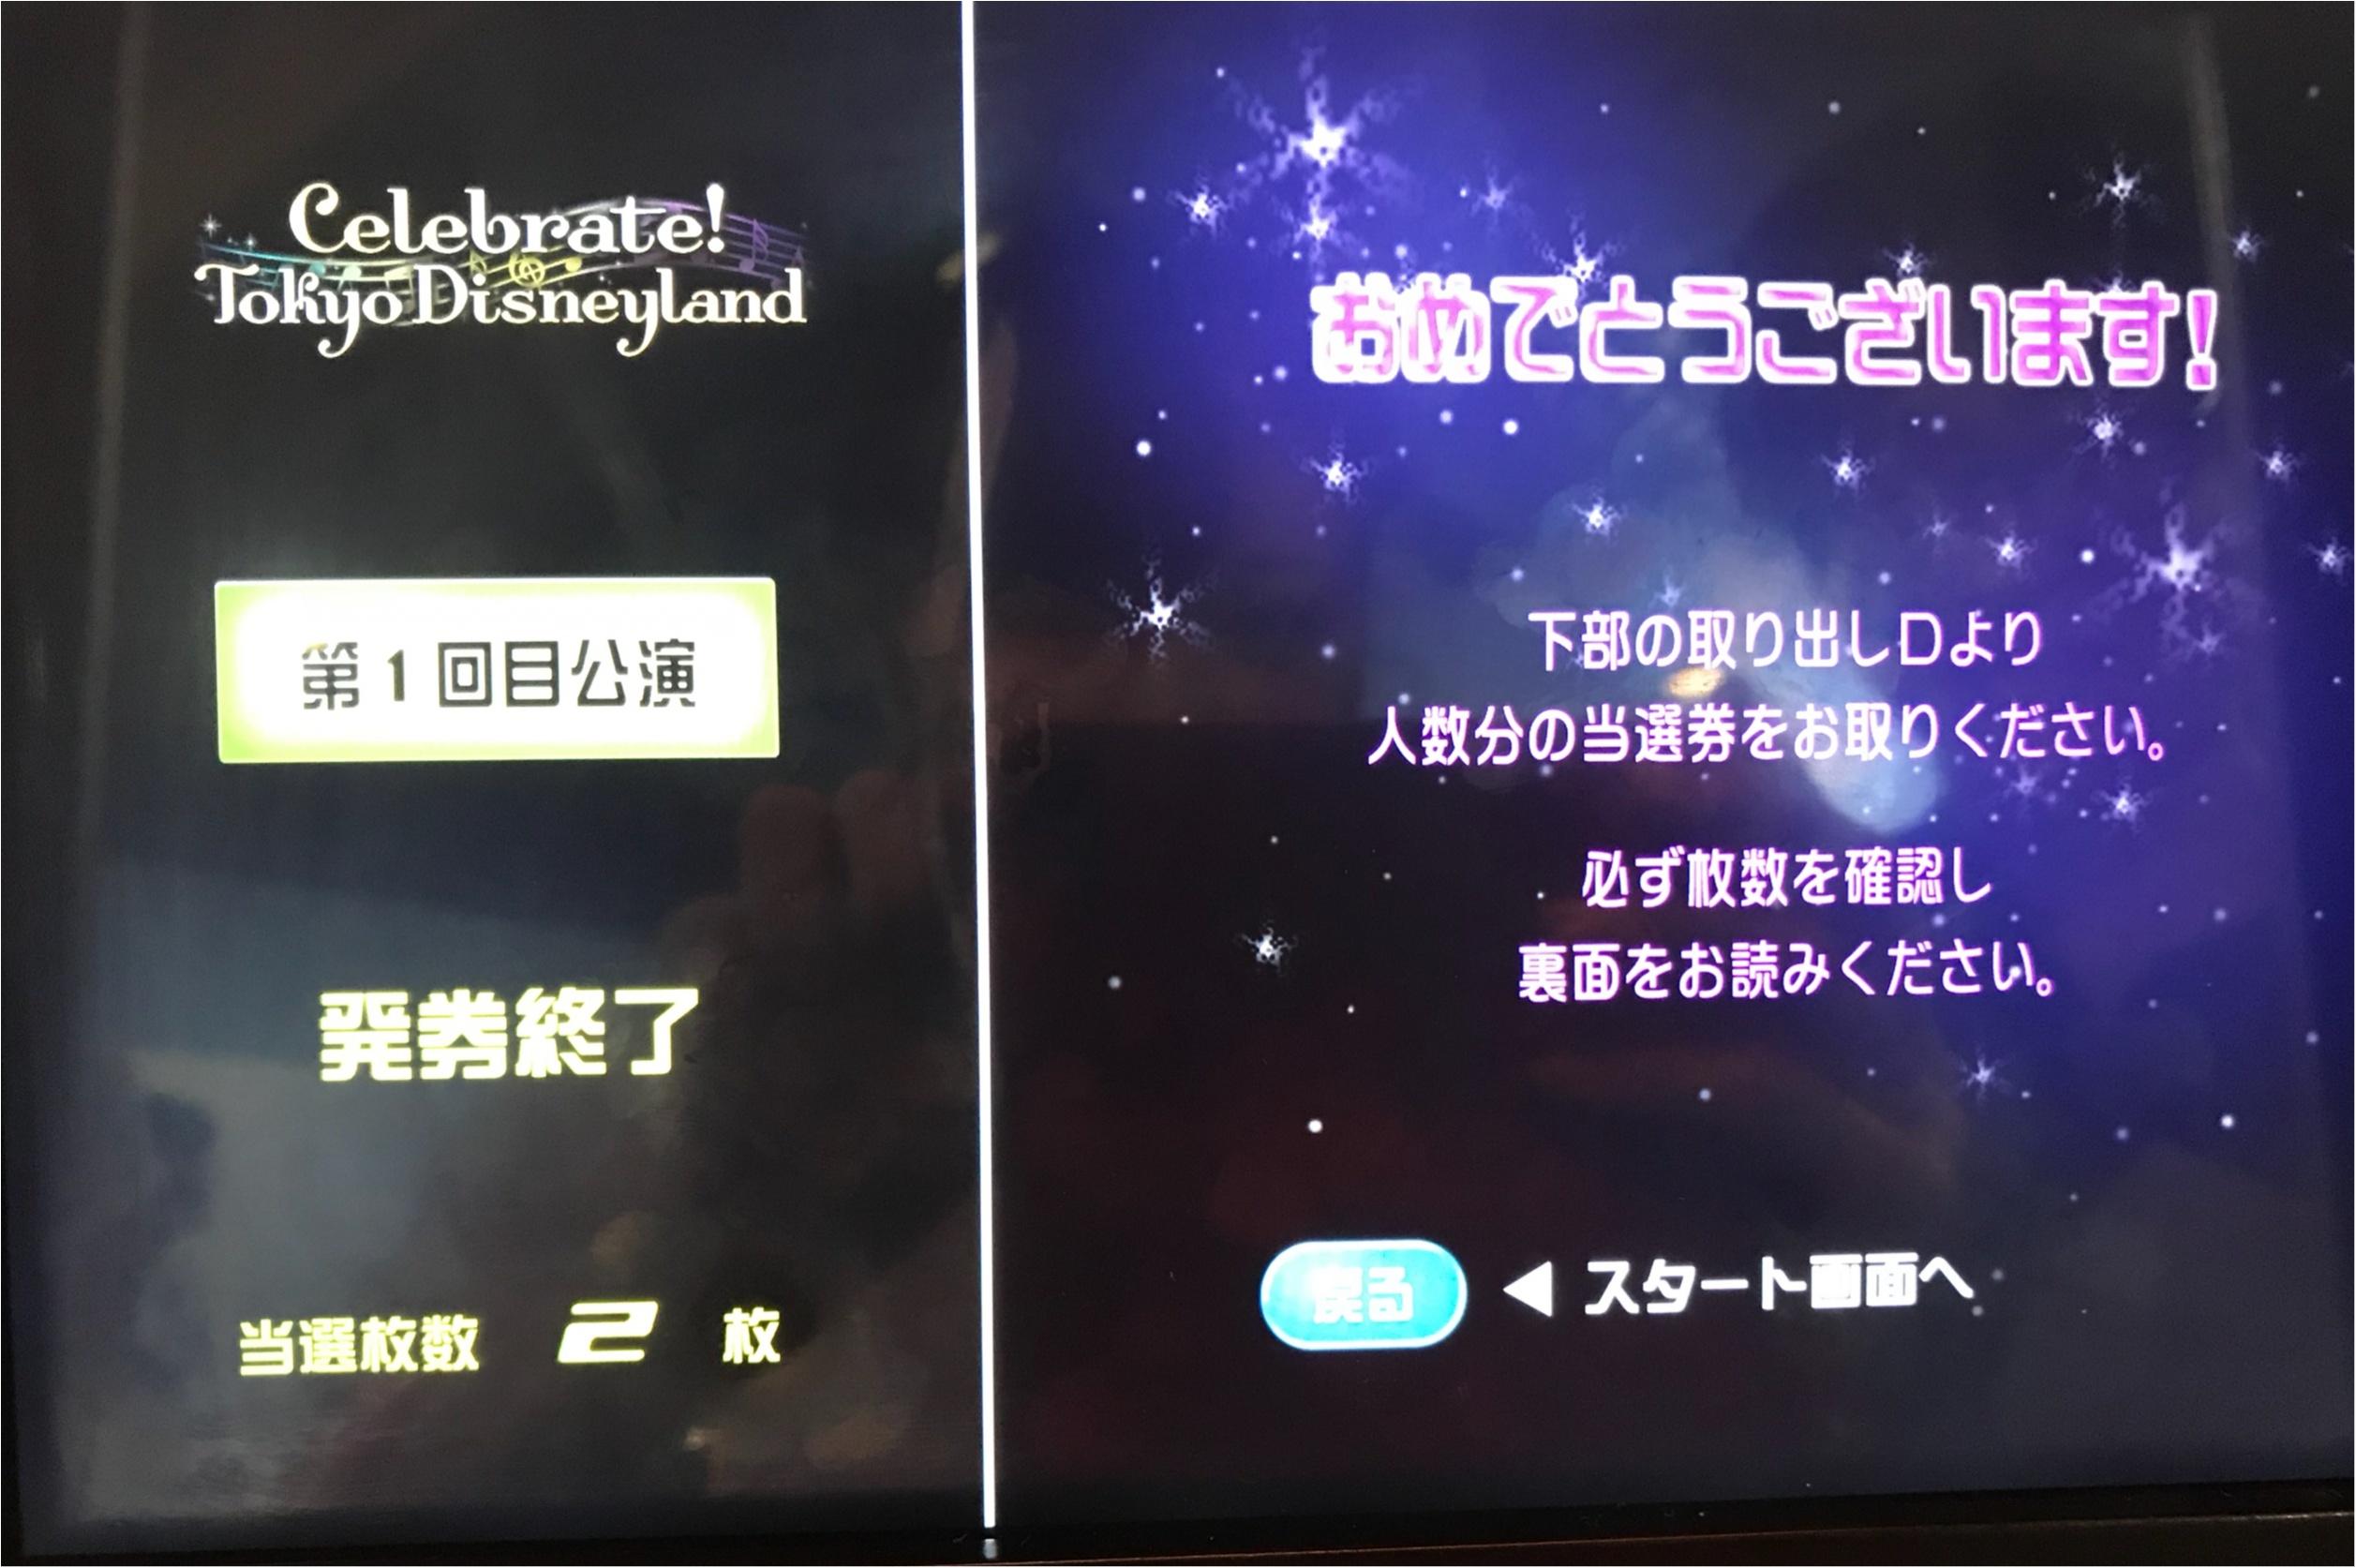 【超話題!】東京ディズニーランドのナイトタイムスぺクタキュラー_2